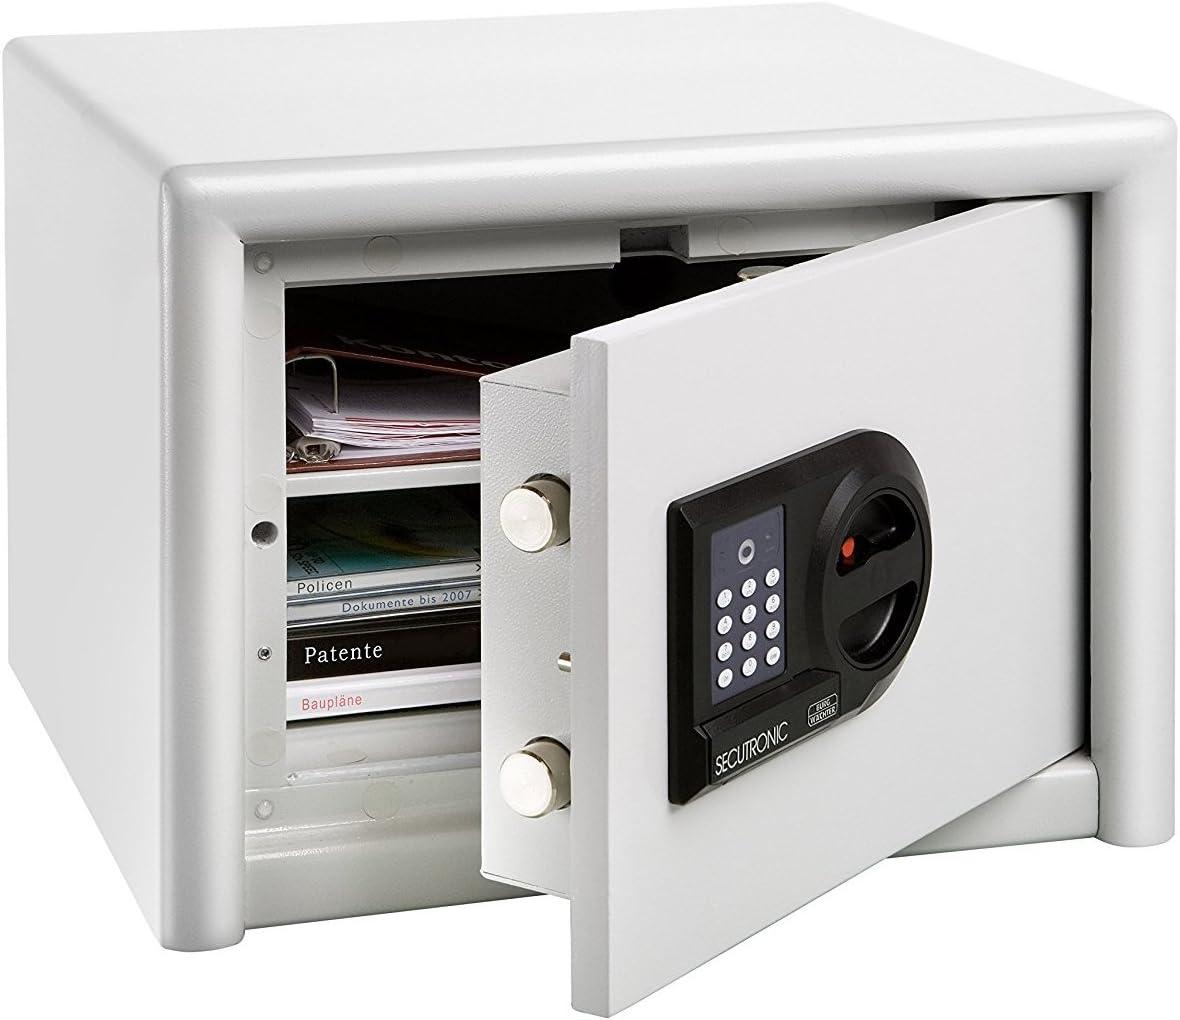 Burg wächter cl10e - Caja fuerte 320x435x380mm: Amazon.es: Bricolaje y herramientas